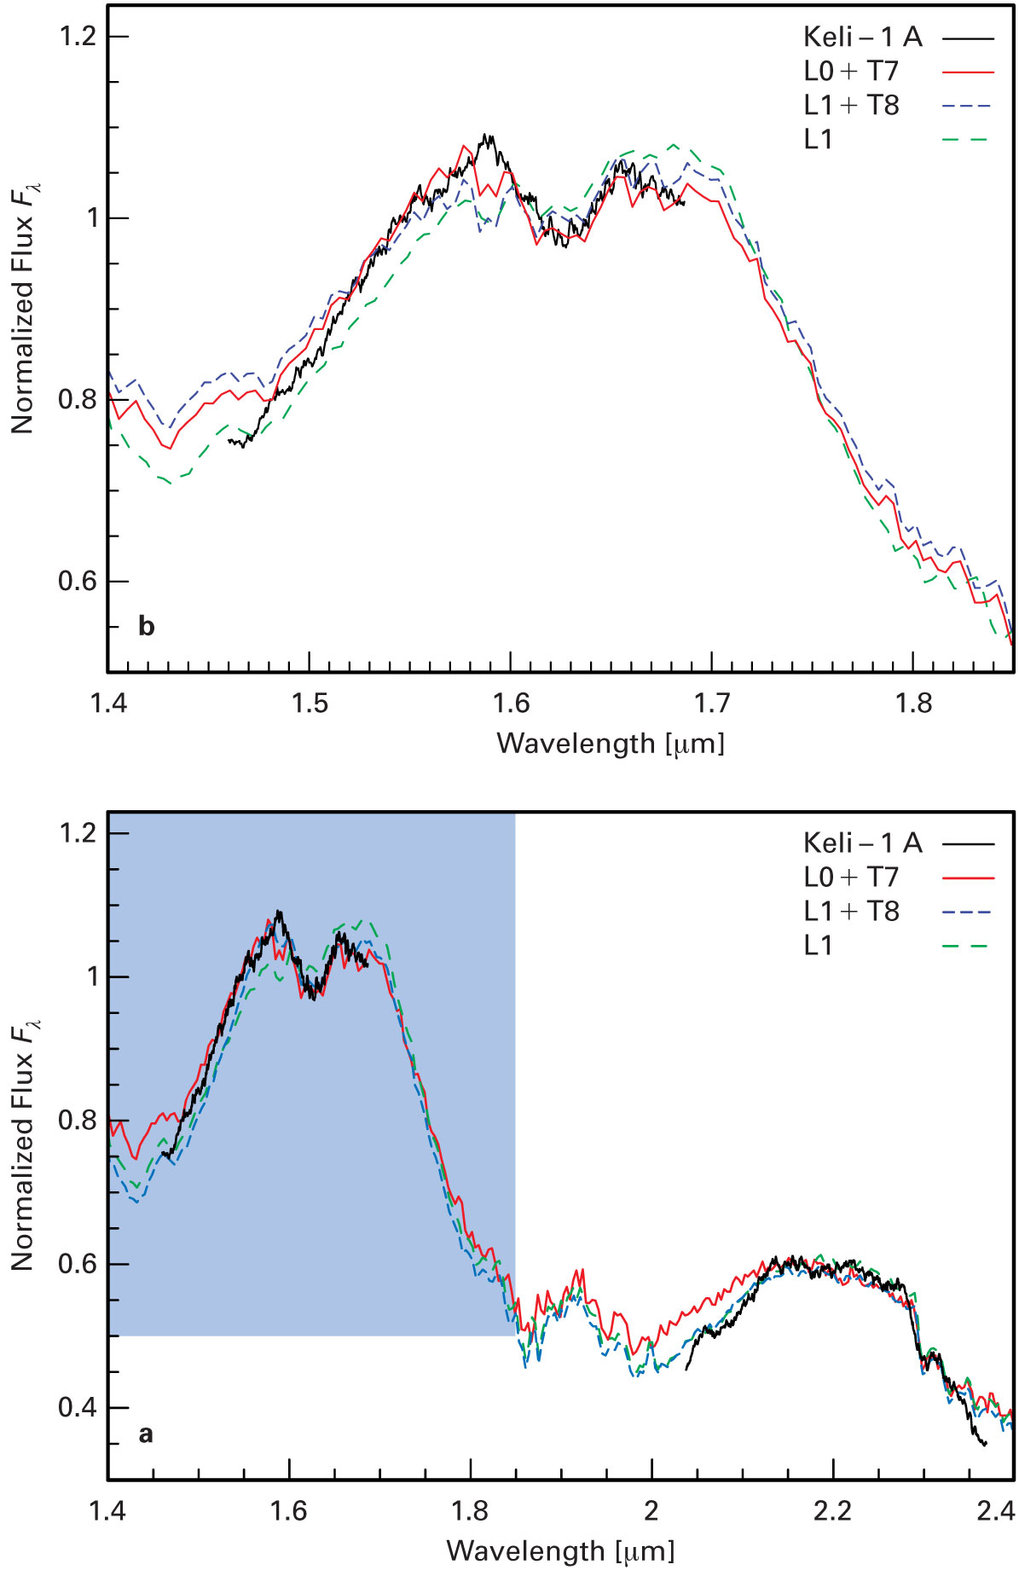 (a) Infrarotspektrum von Kelu-1A im H- und K-Band. (b) Vergrößerte Darstellung (entspricht dem blauen Bereich in (a)) des Infrarotspektrums in der Näh